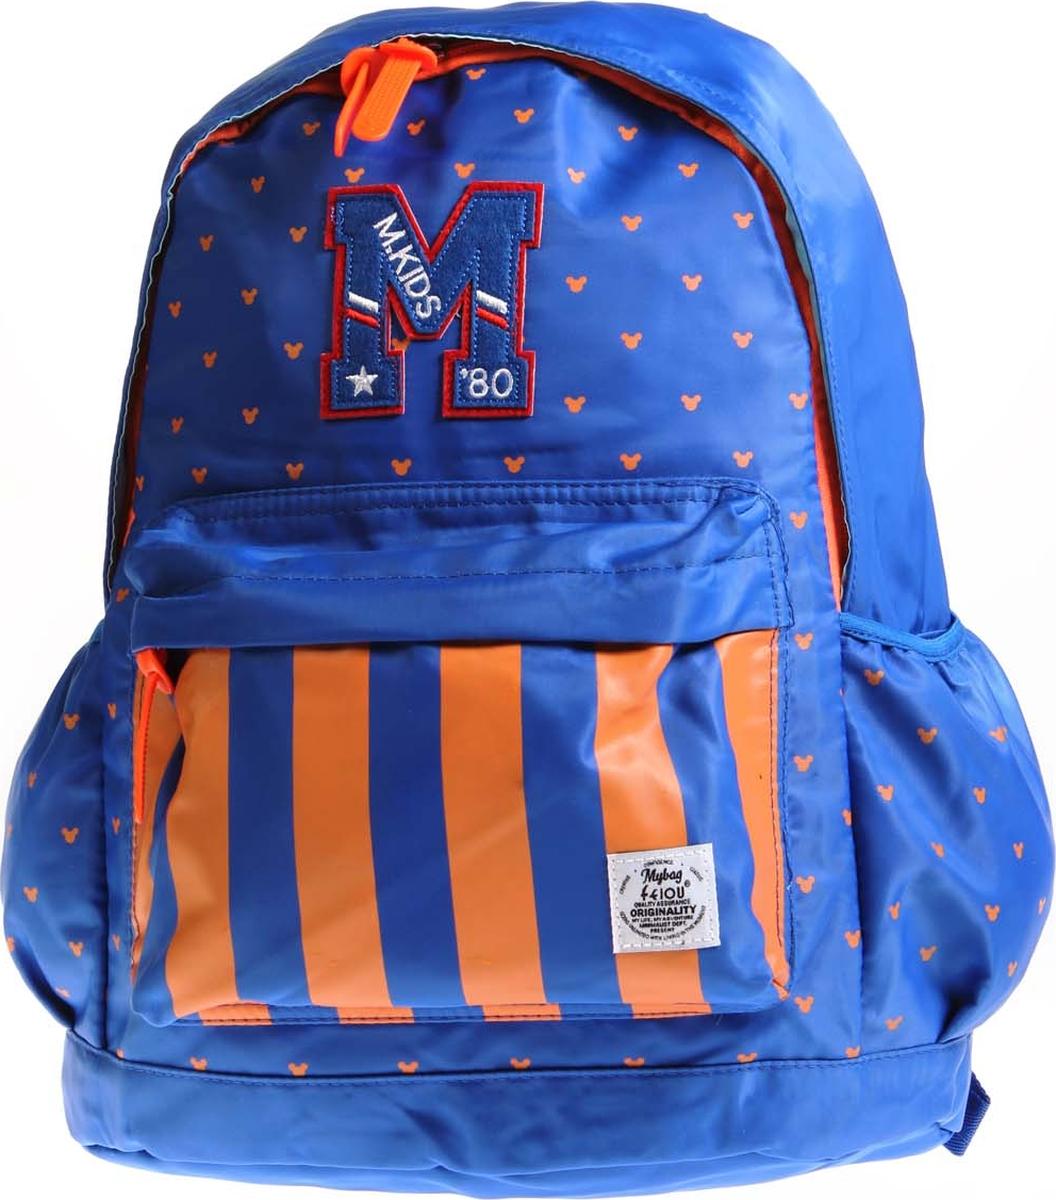 Vittorio Richi Рюкзак детский с наполнением цвет голубой оранжевый K05R5507 vittorio richi рюкзак детский с наполнением цвет голубой k05r5505